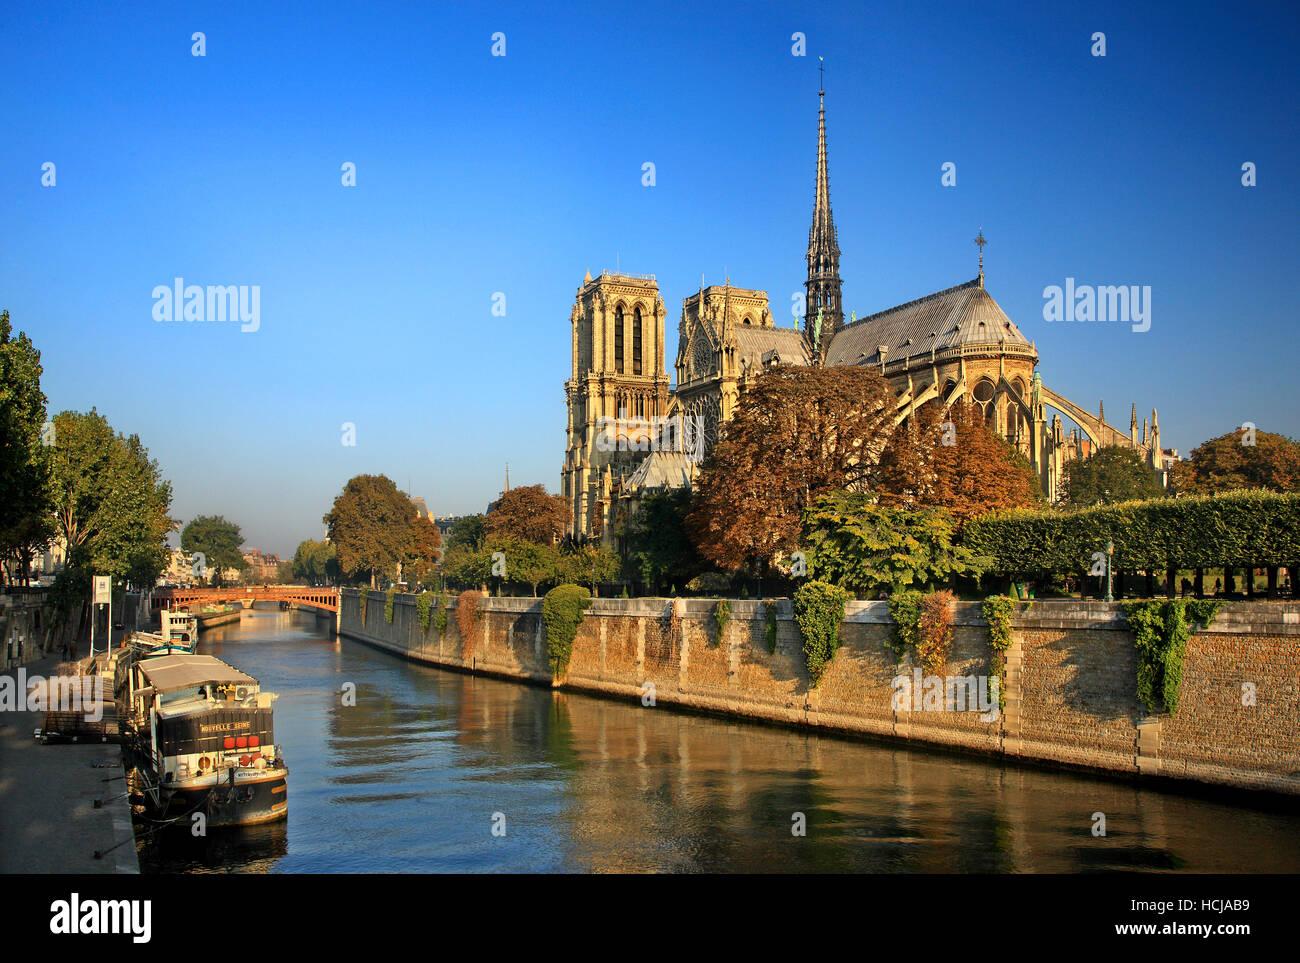 La Cathédrale Notre Dame sur l'Île de la Cité, l'une des îles en Seine, Paris, France. Photo Stock